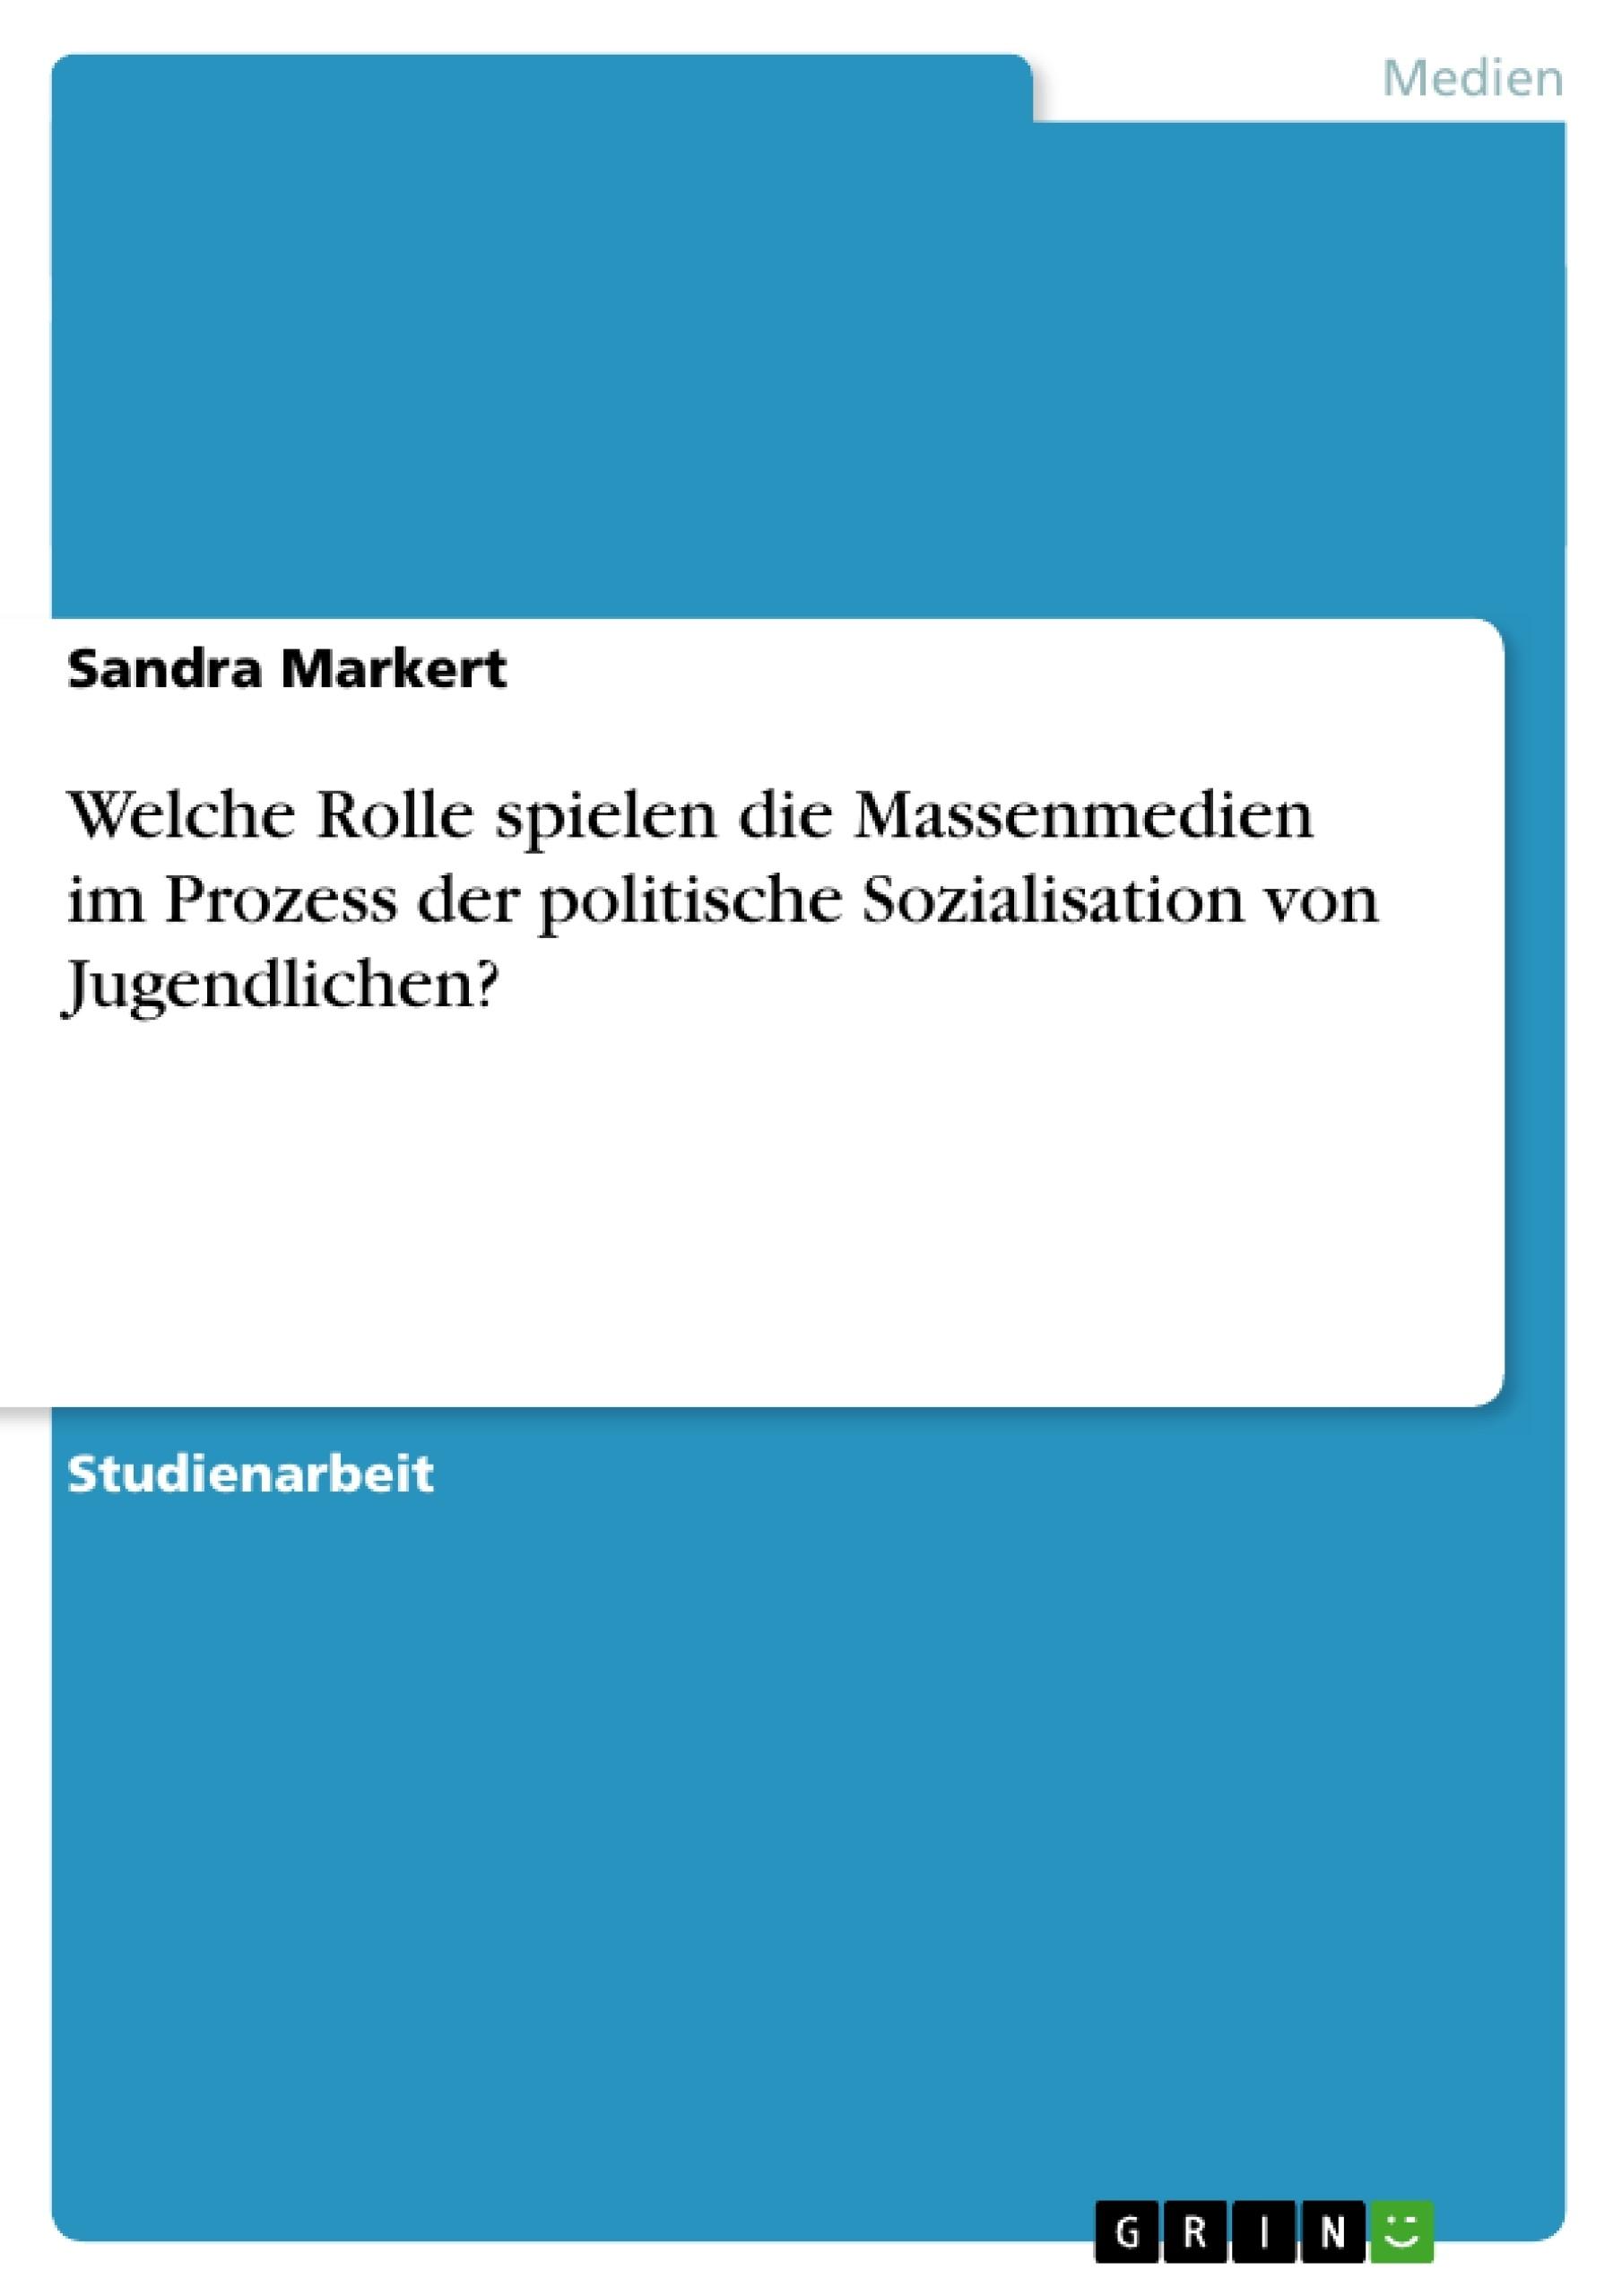 Titel: Welche Rolle spielen die Massenmedien im Prozess der politische Sozialisation von Jugendlichen?